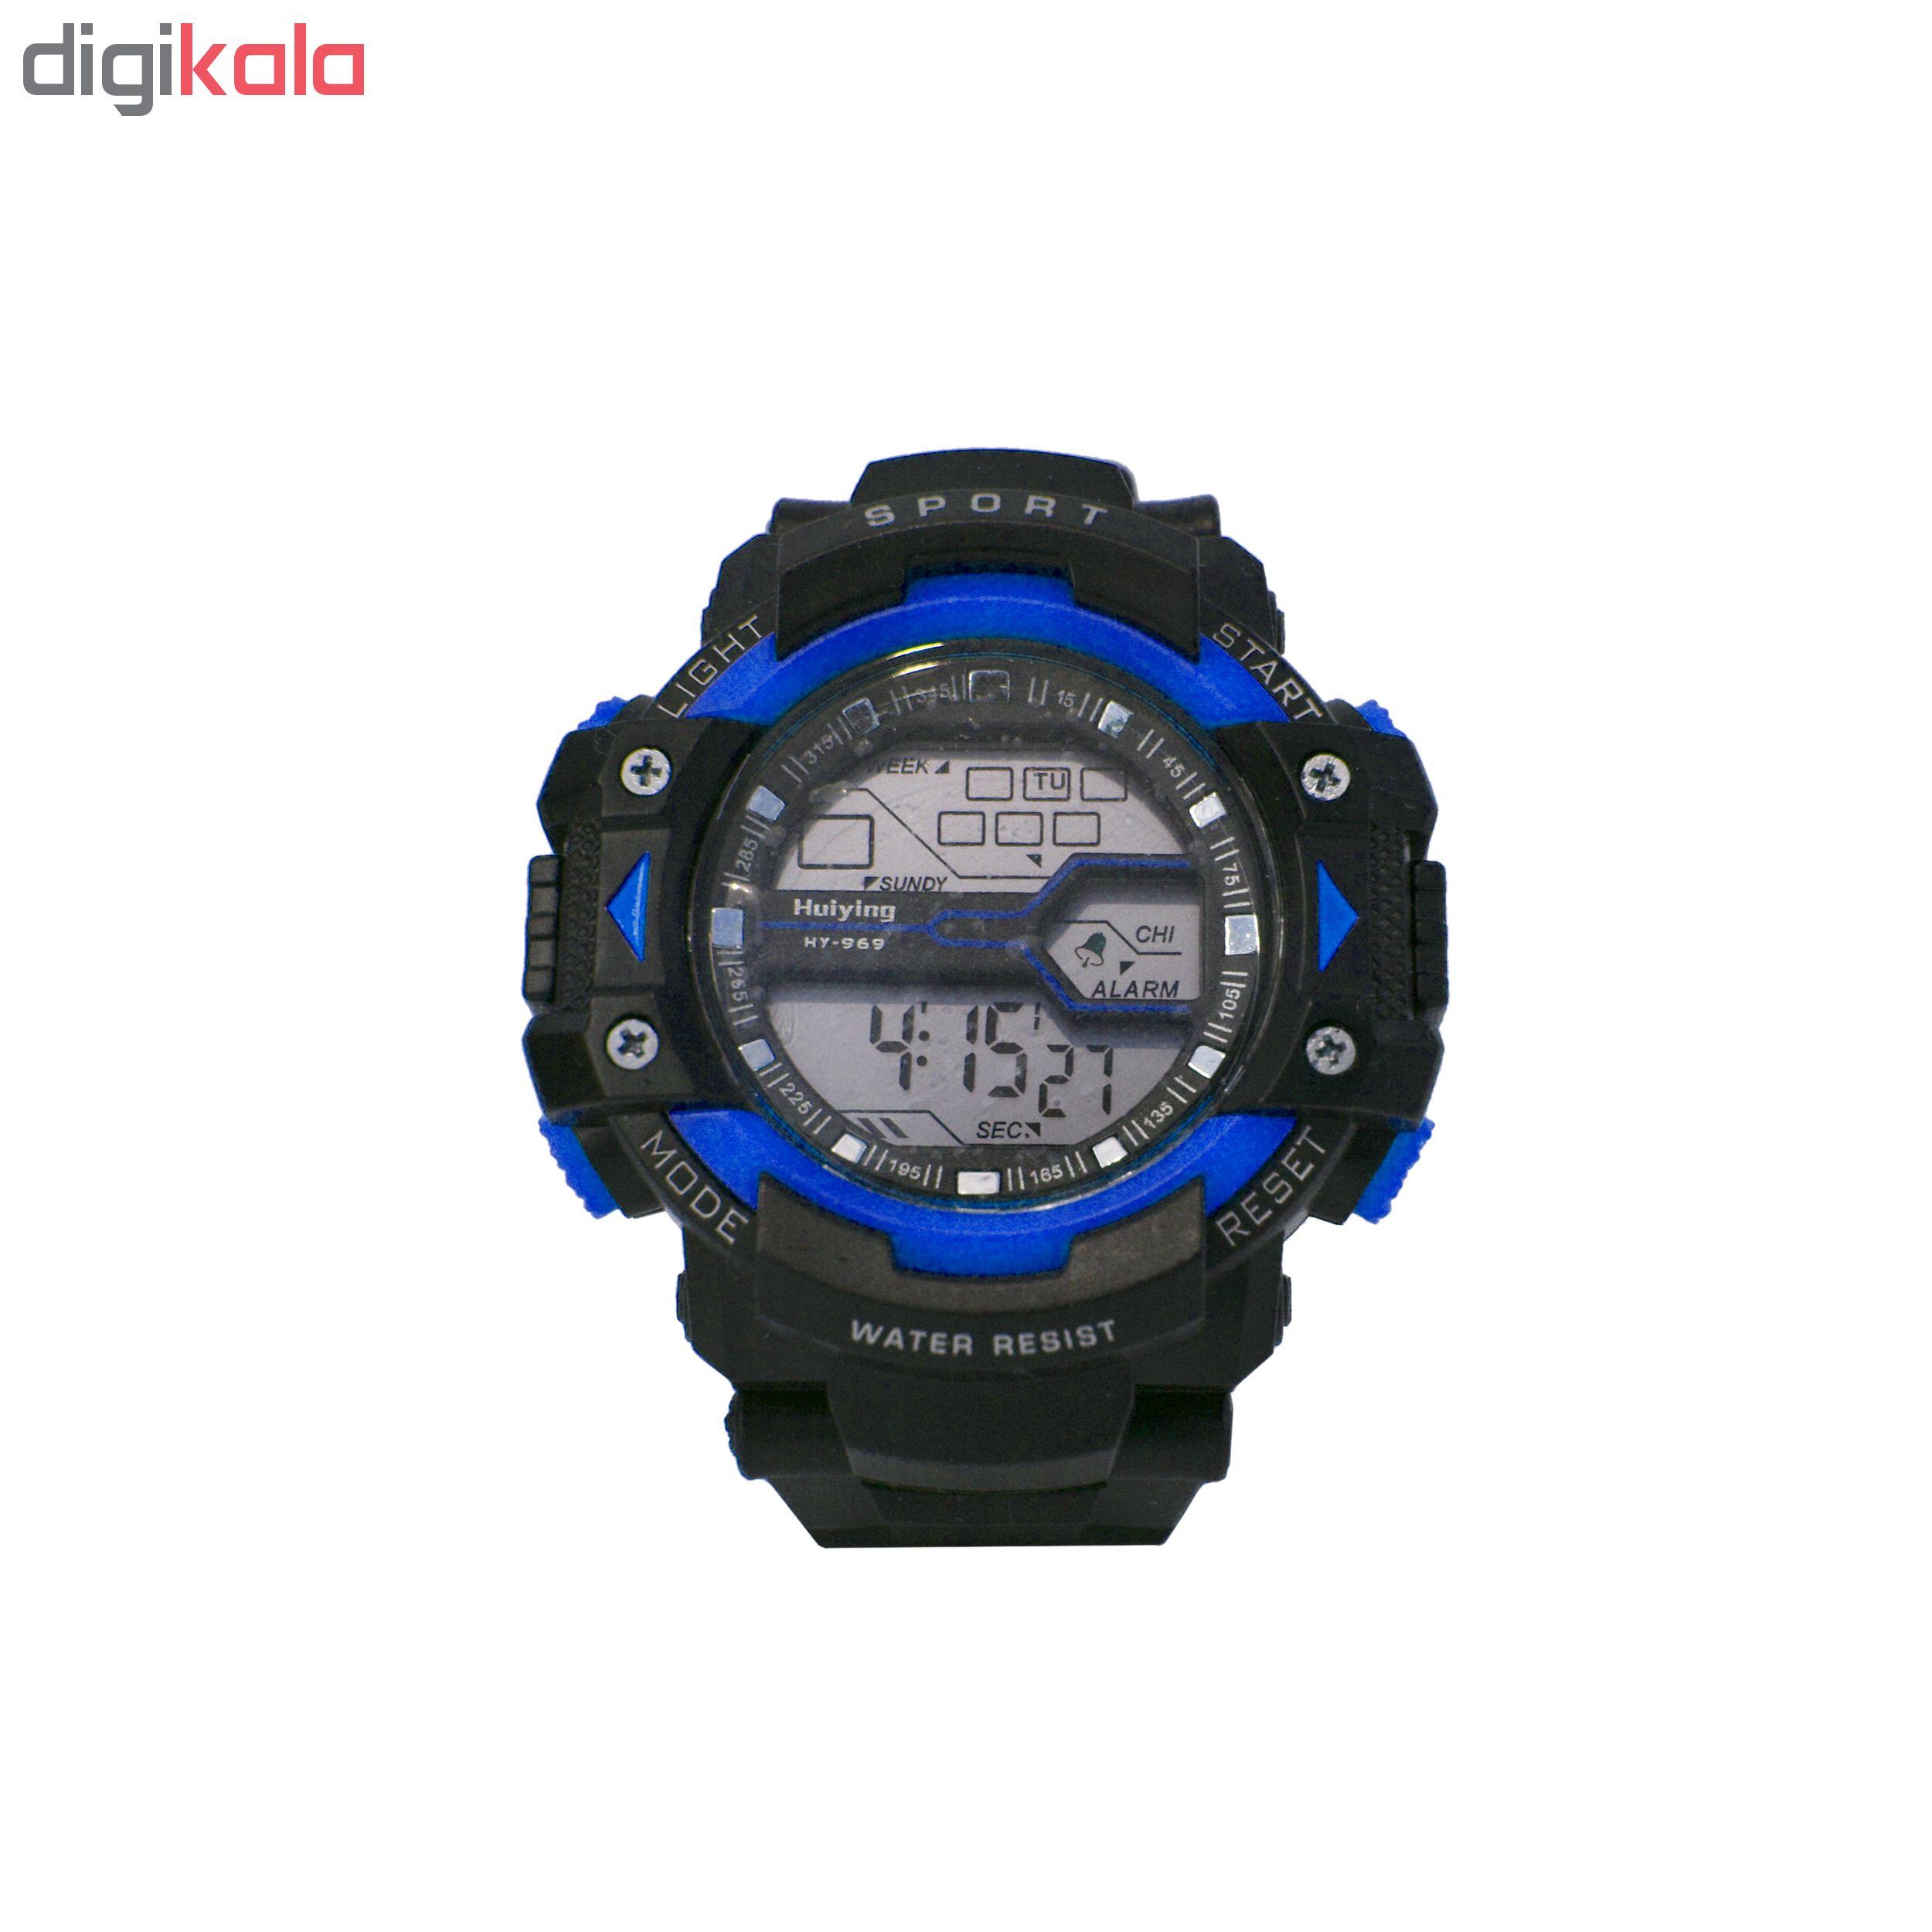 ساعت مچی دیجیتال اسپرت مدل مدل GSB17             قیمت